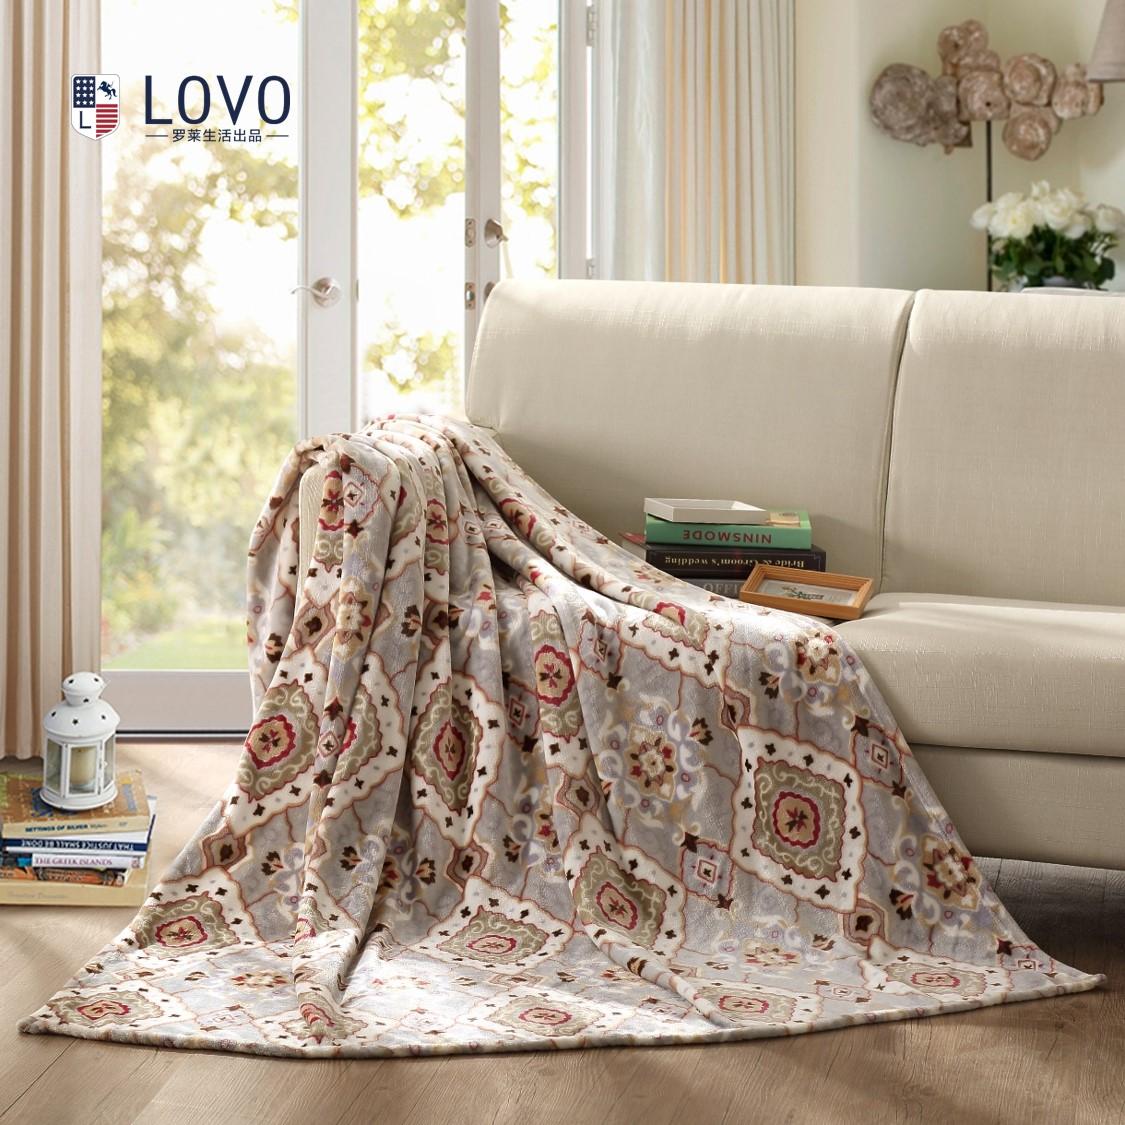 罗莱 加州风情毯 VBC1502-8